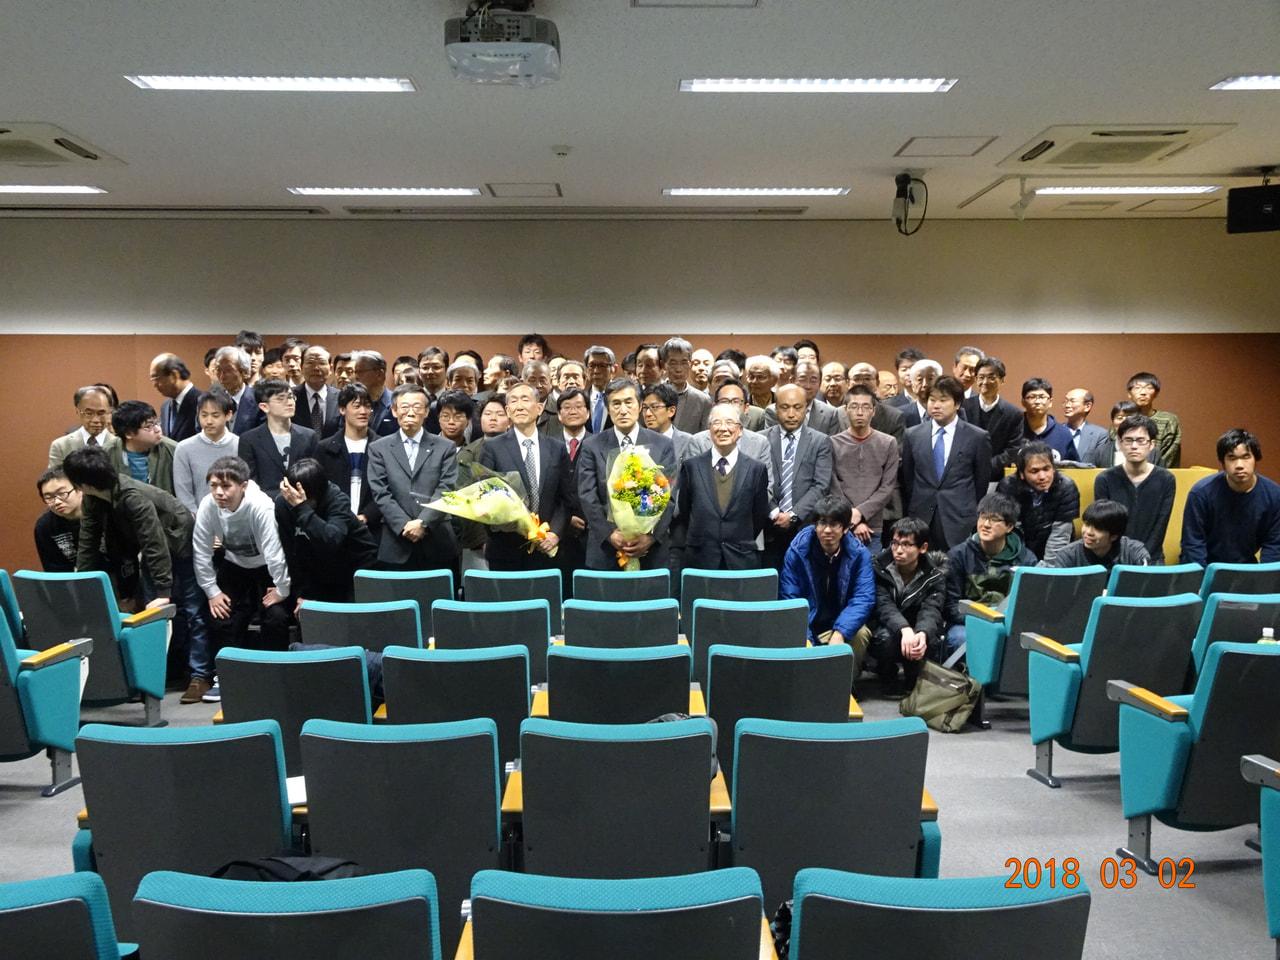 上谷先生の最終講義を行いました